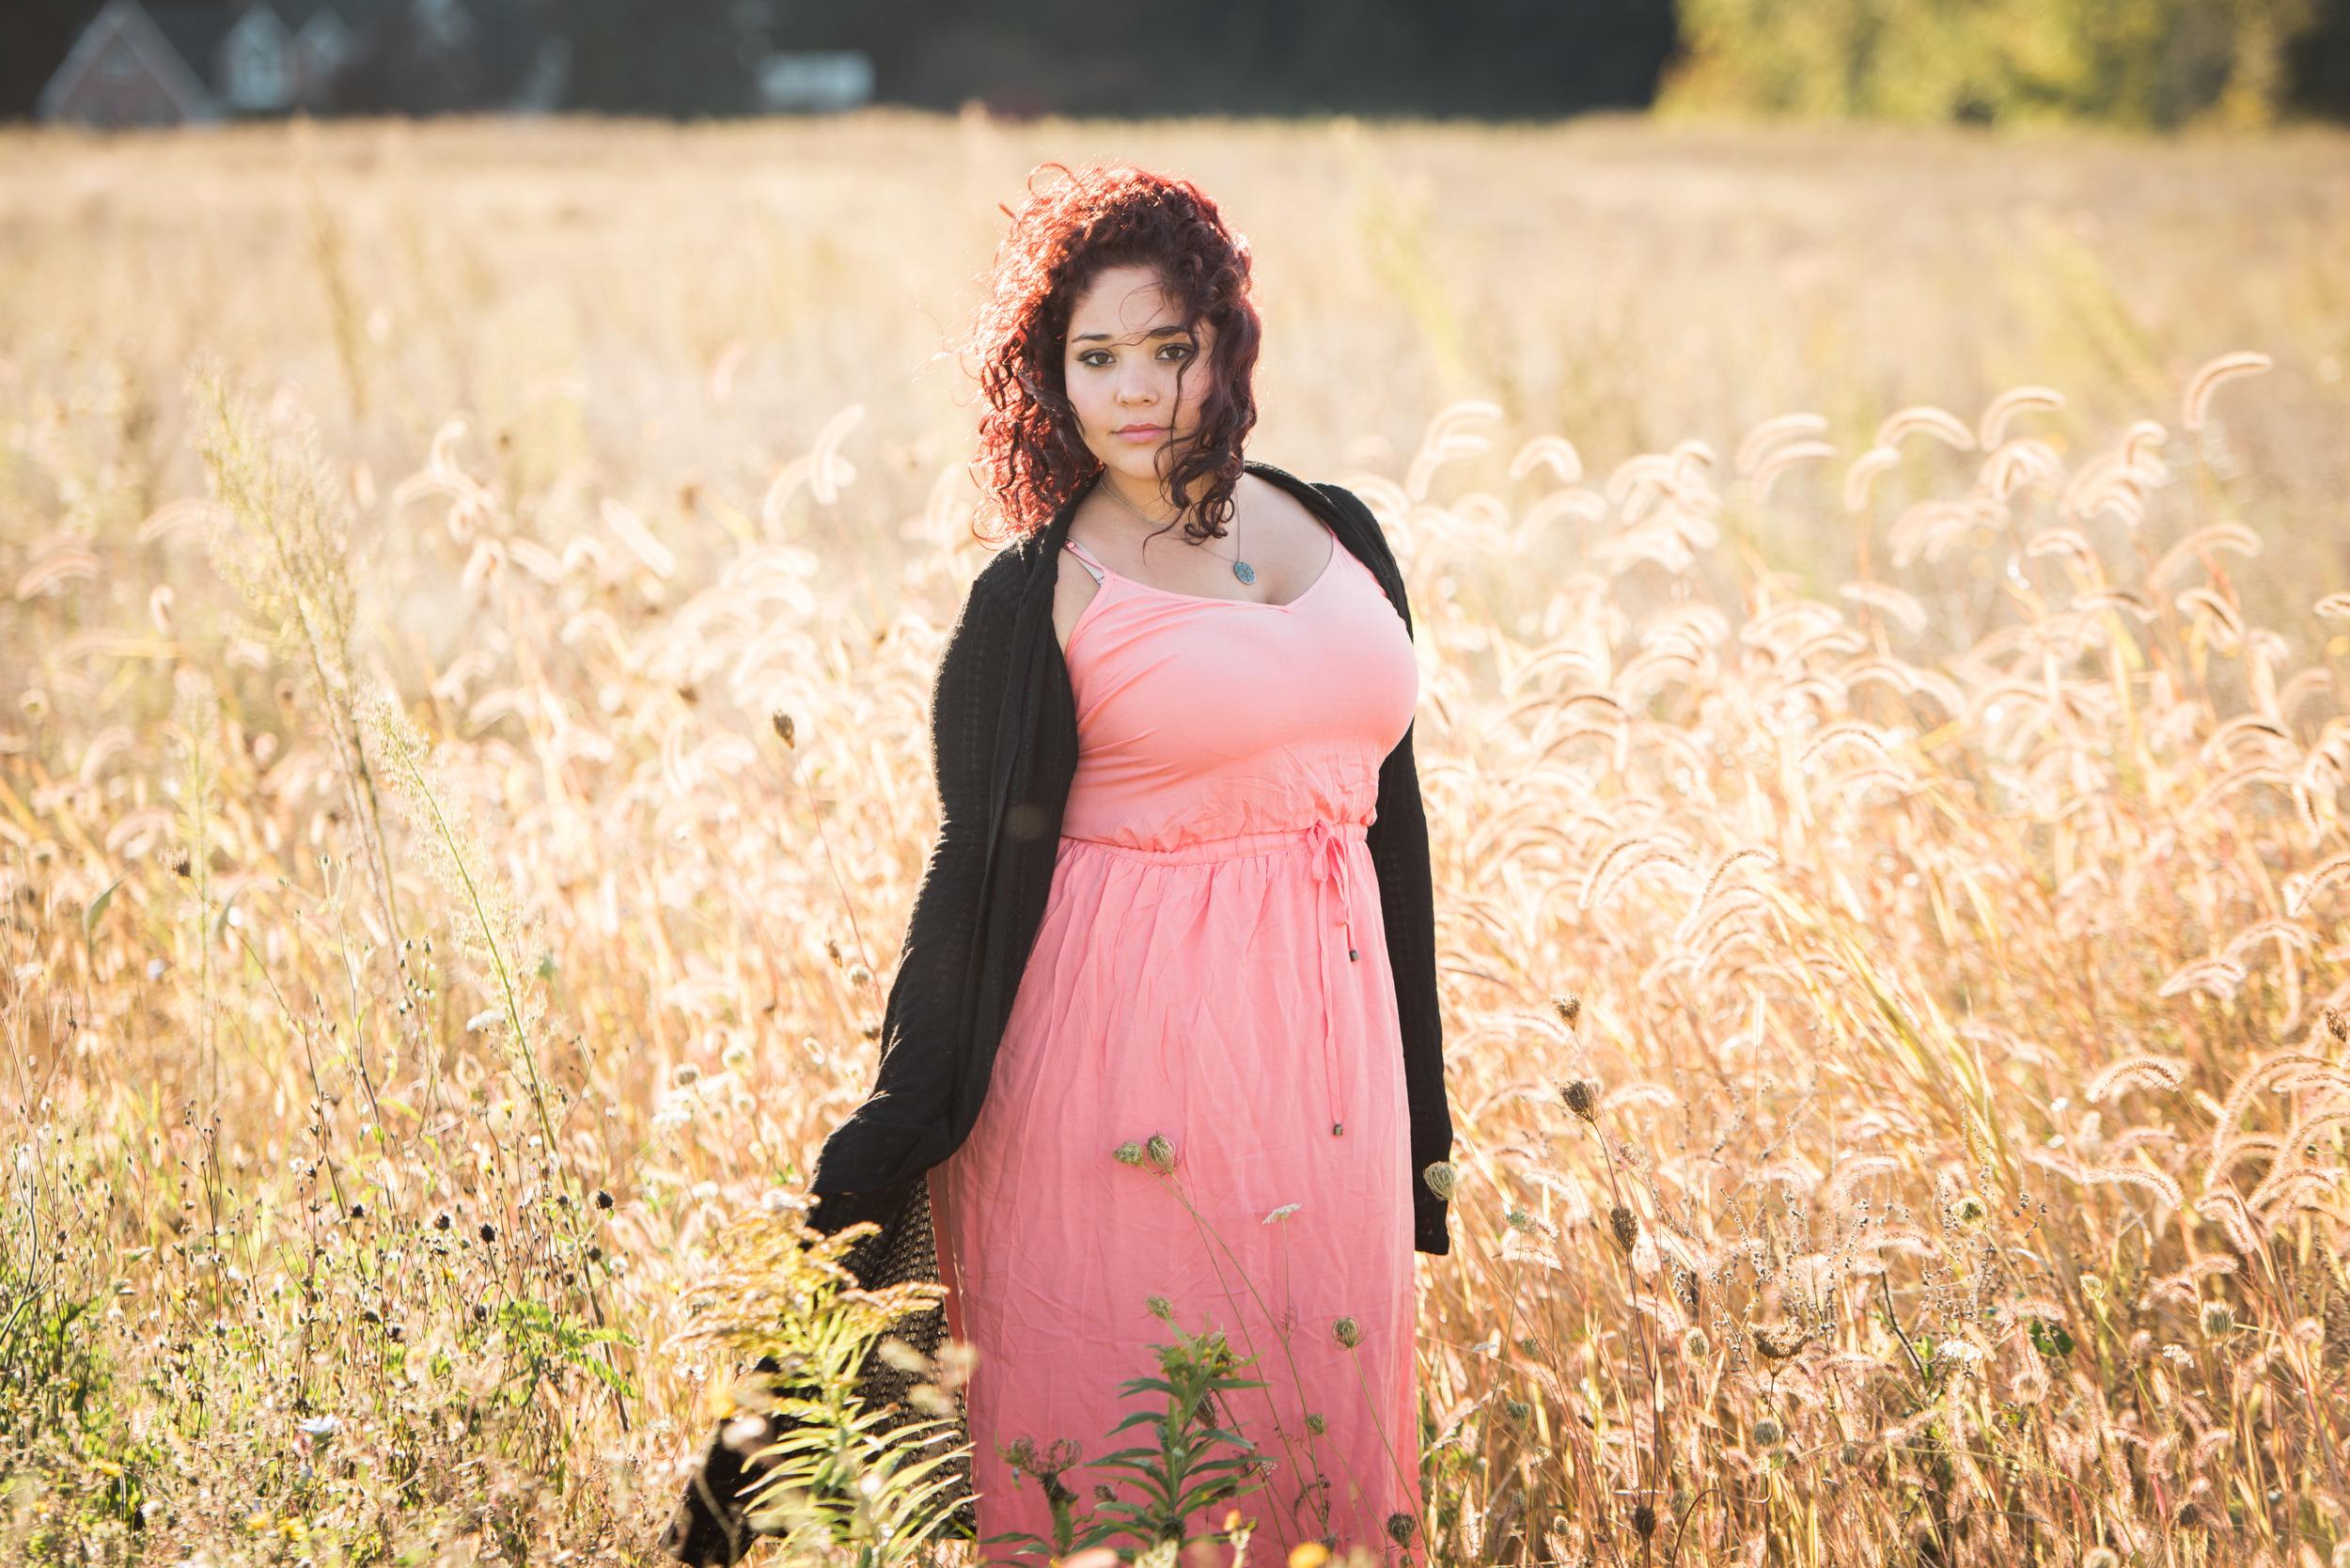 rochester-senior-photographer-4